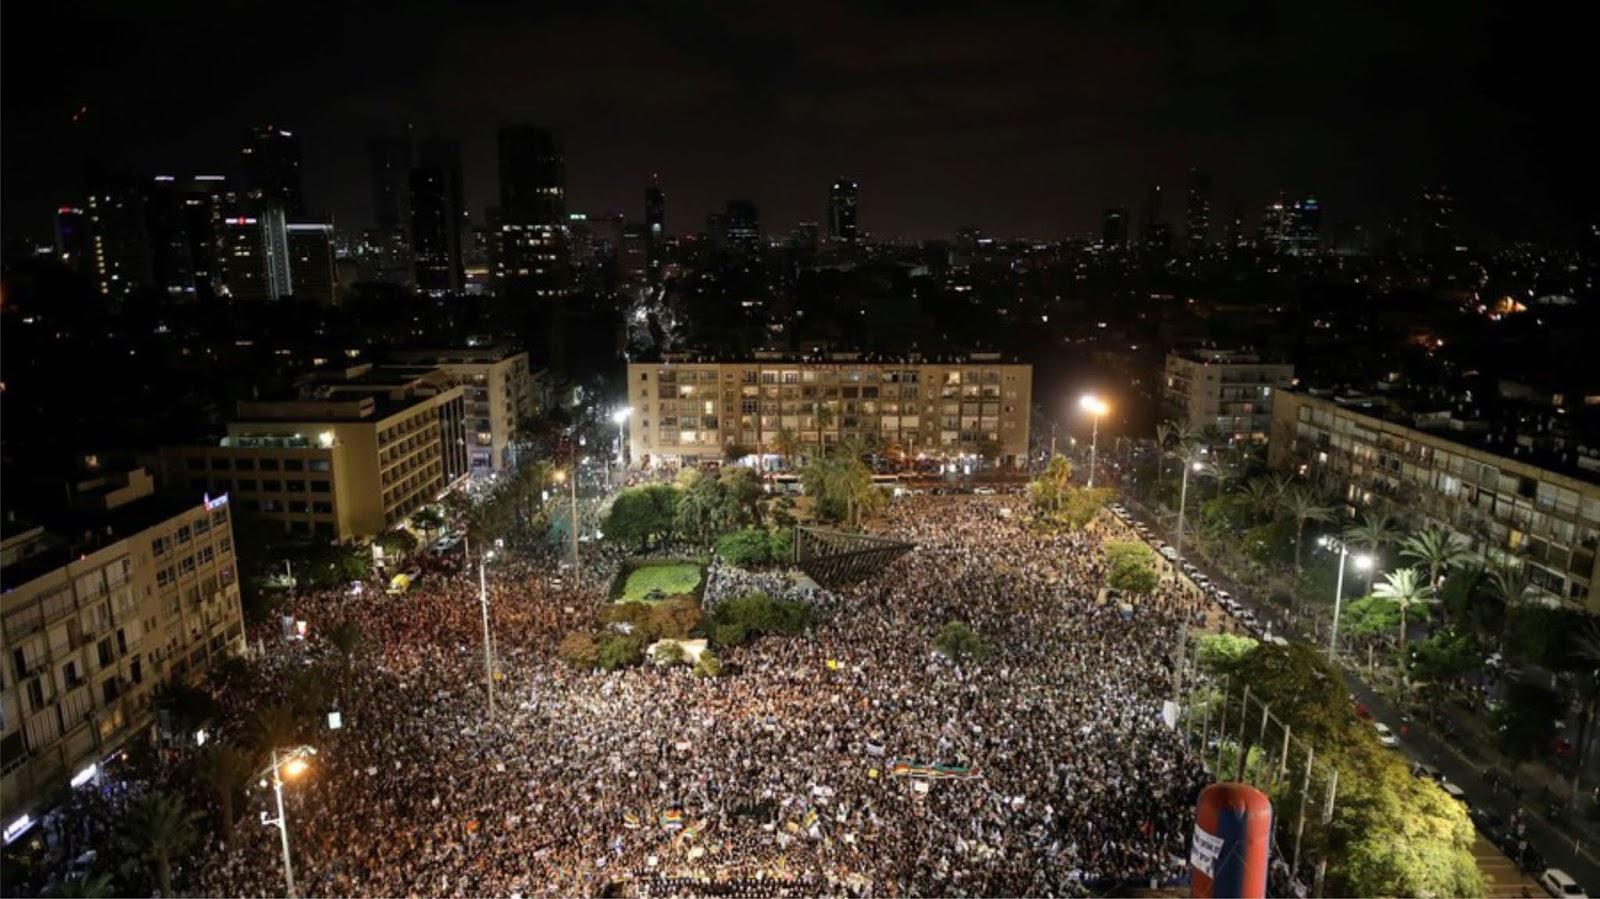 Protes massal di Israel atas diskriminasi hukum warganya